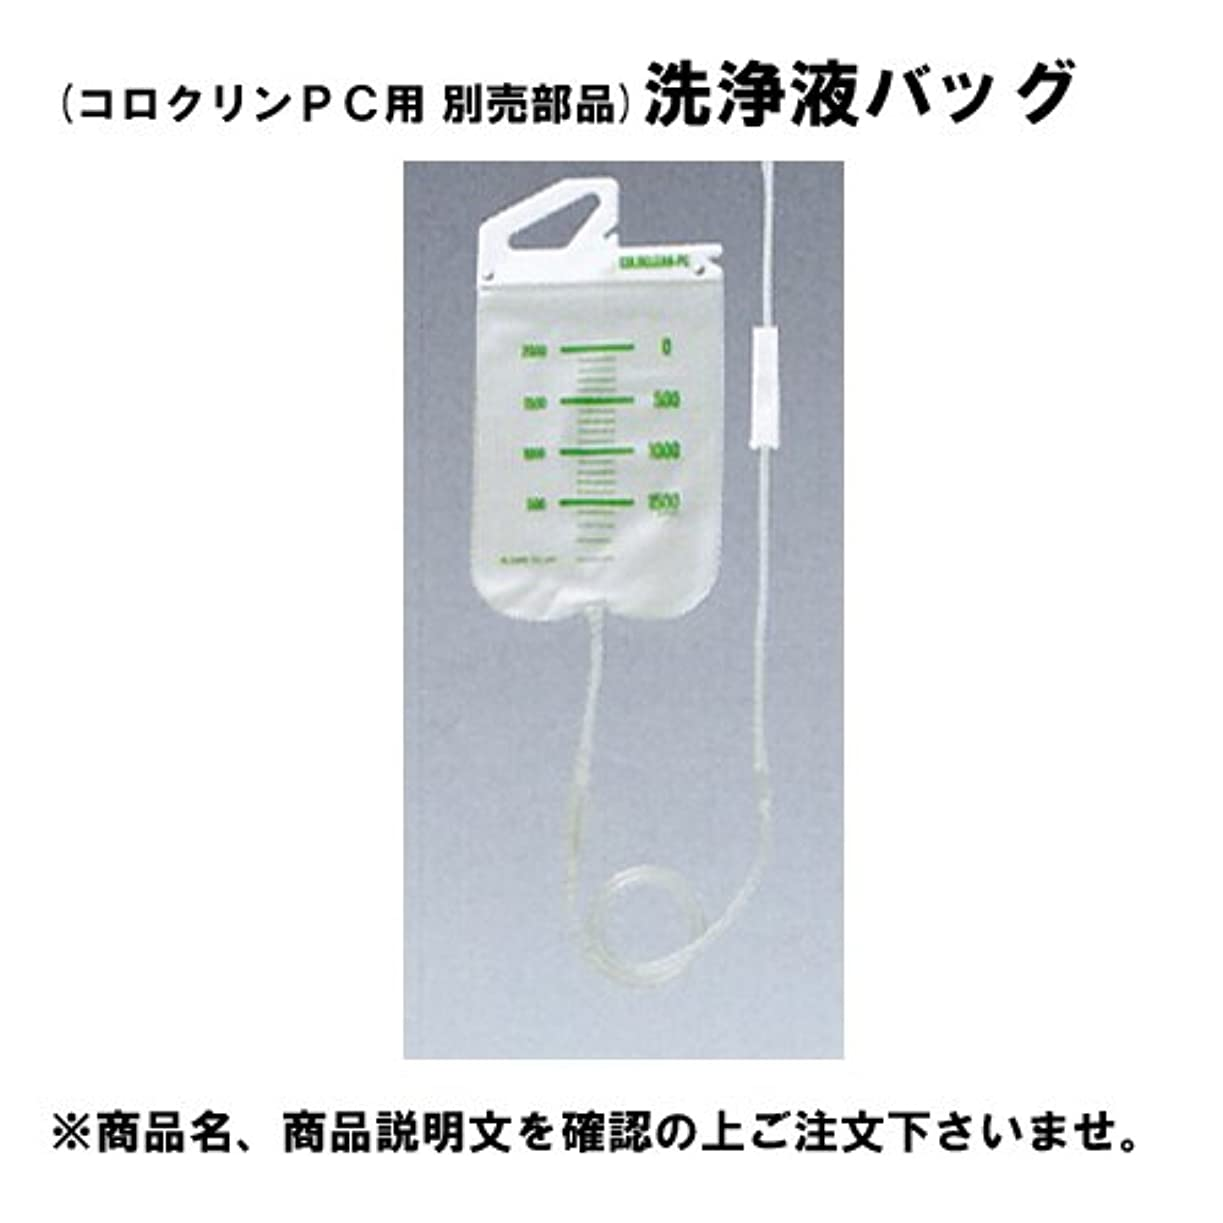 寺院群れ欠かせない〔アルケア〕コロクリンPC用部品 洗浄液バッグ 容量2000ml(ロールクランプ付)×1個入〔品番:13411〕